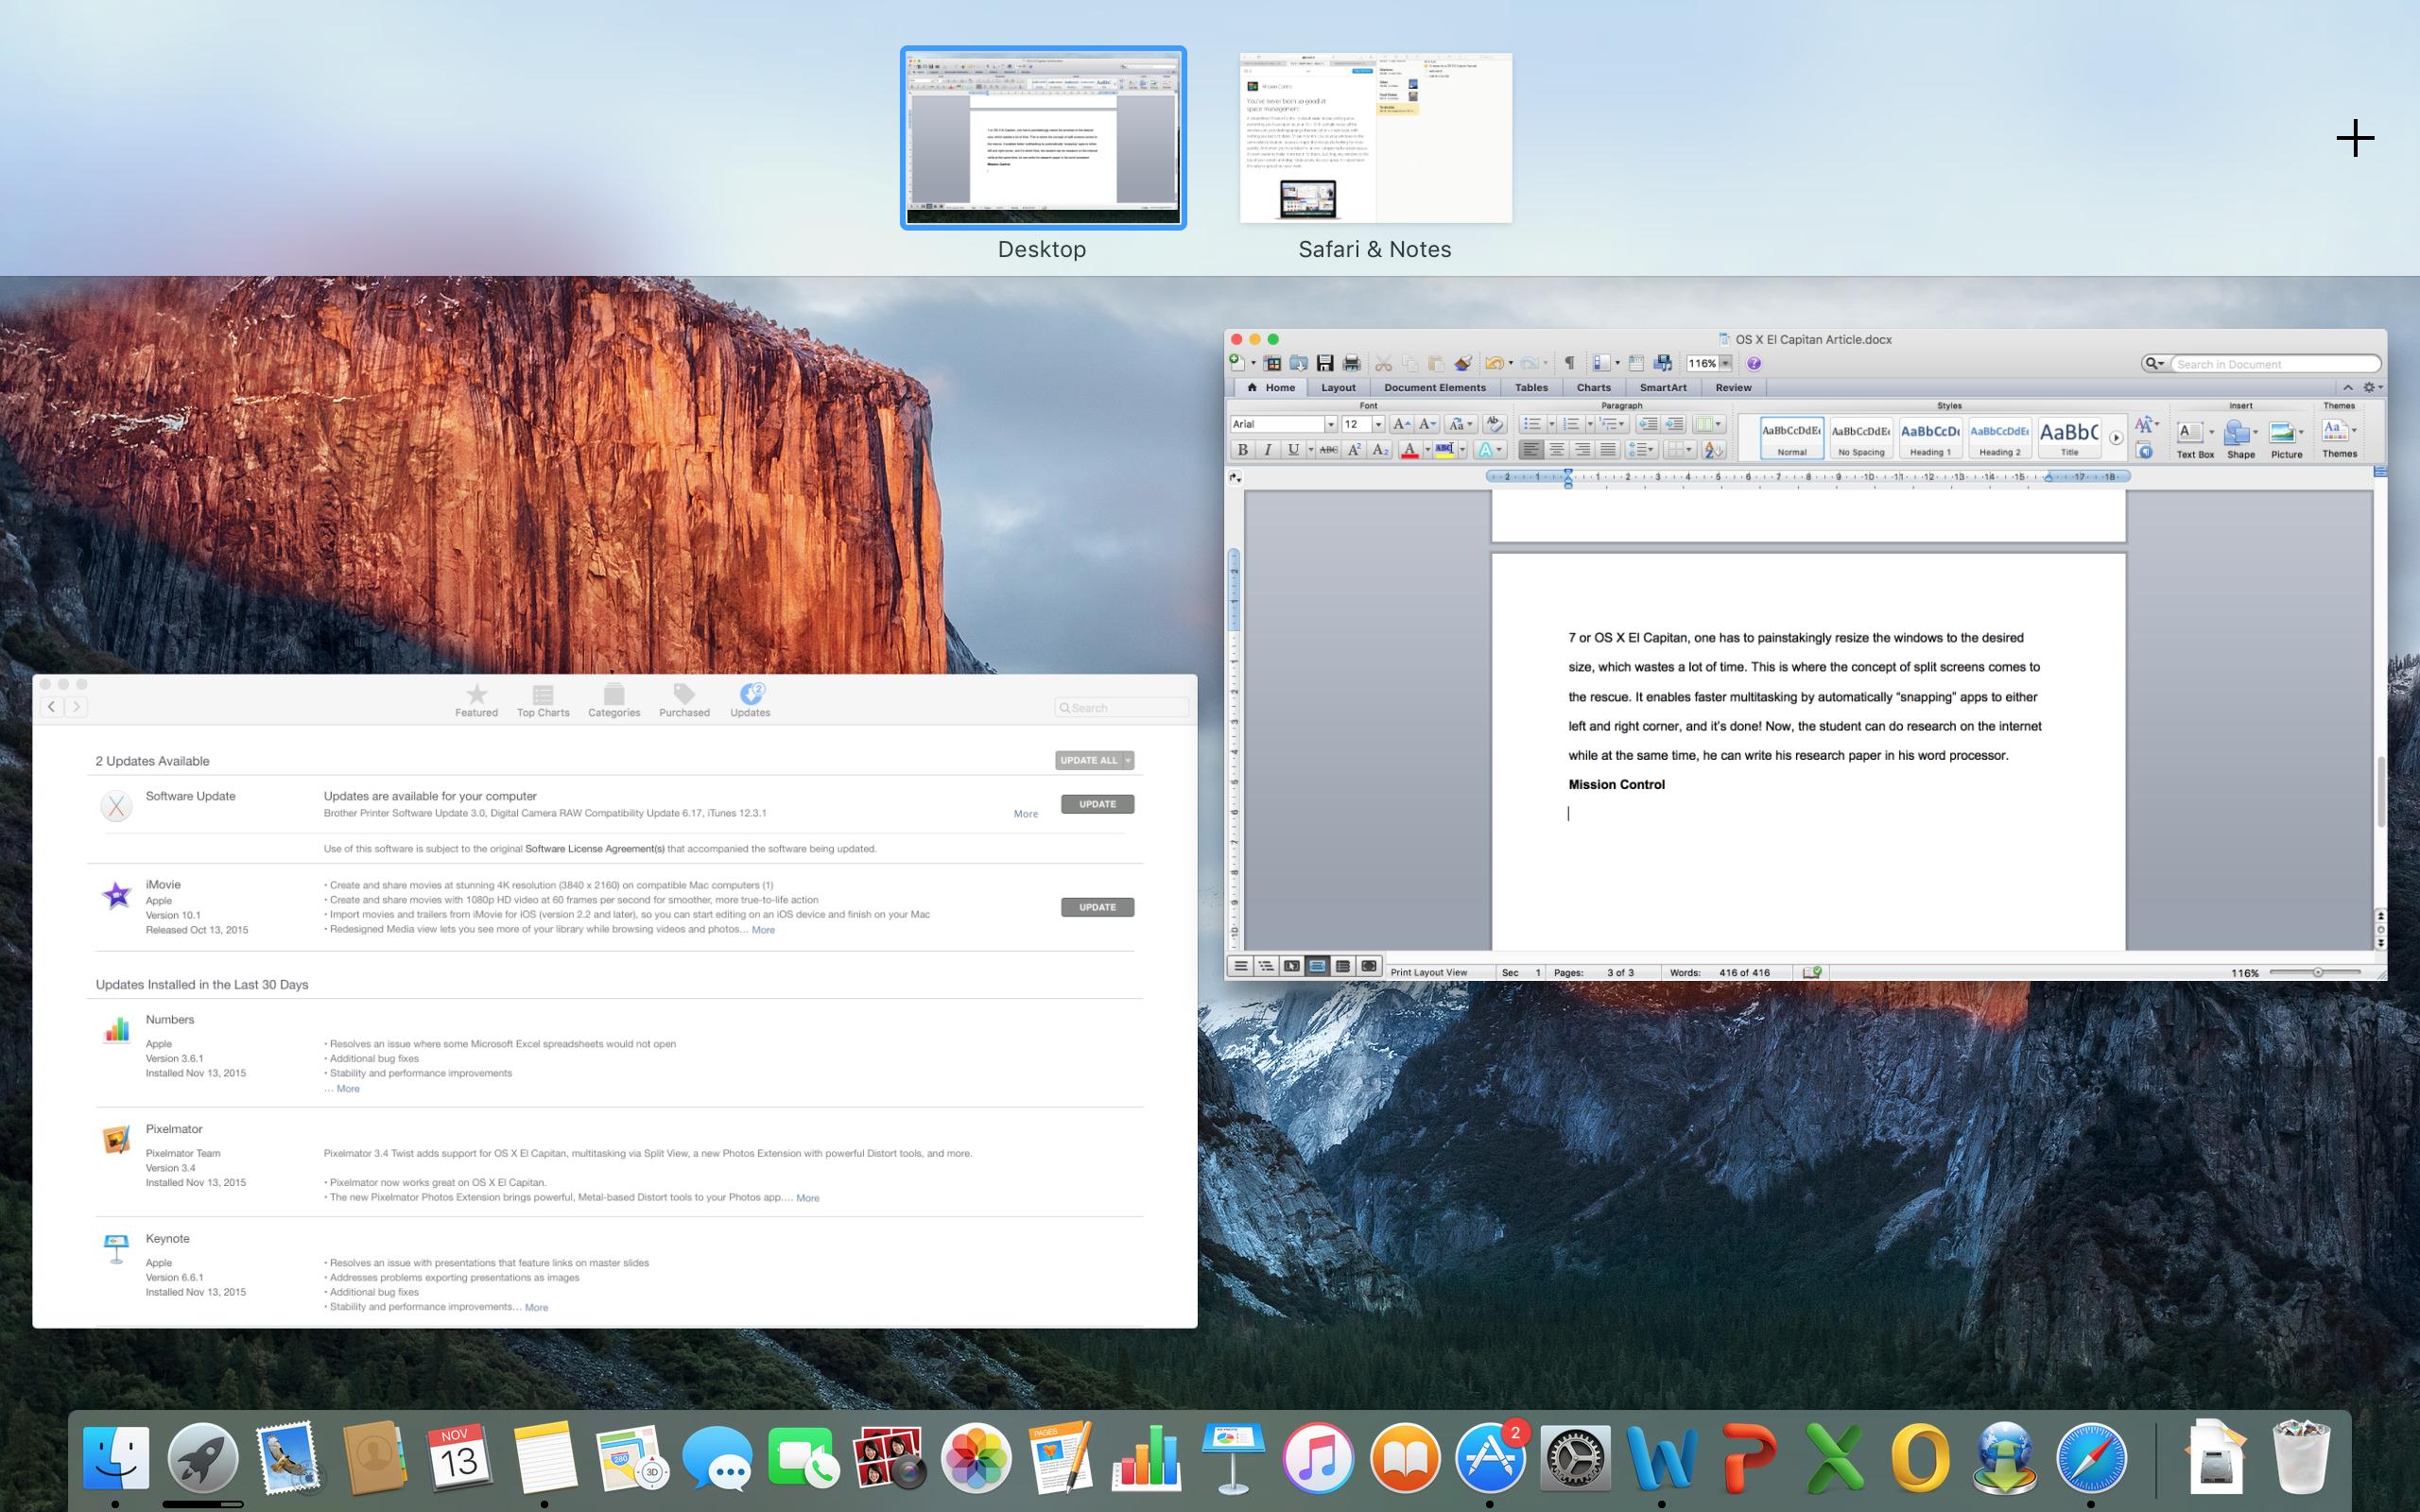 OS X El Capitan: A New Era in Mac OS History Has Arrived